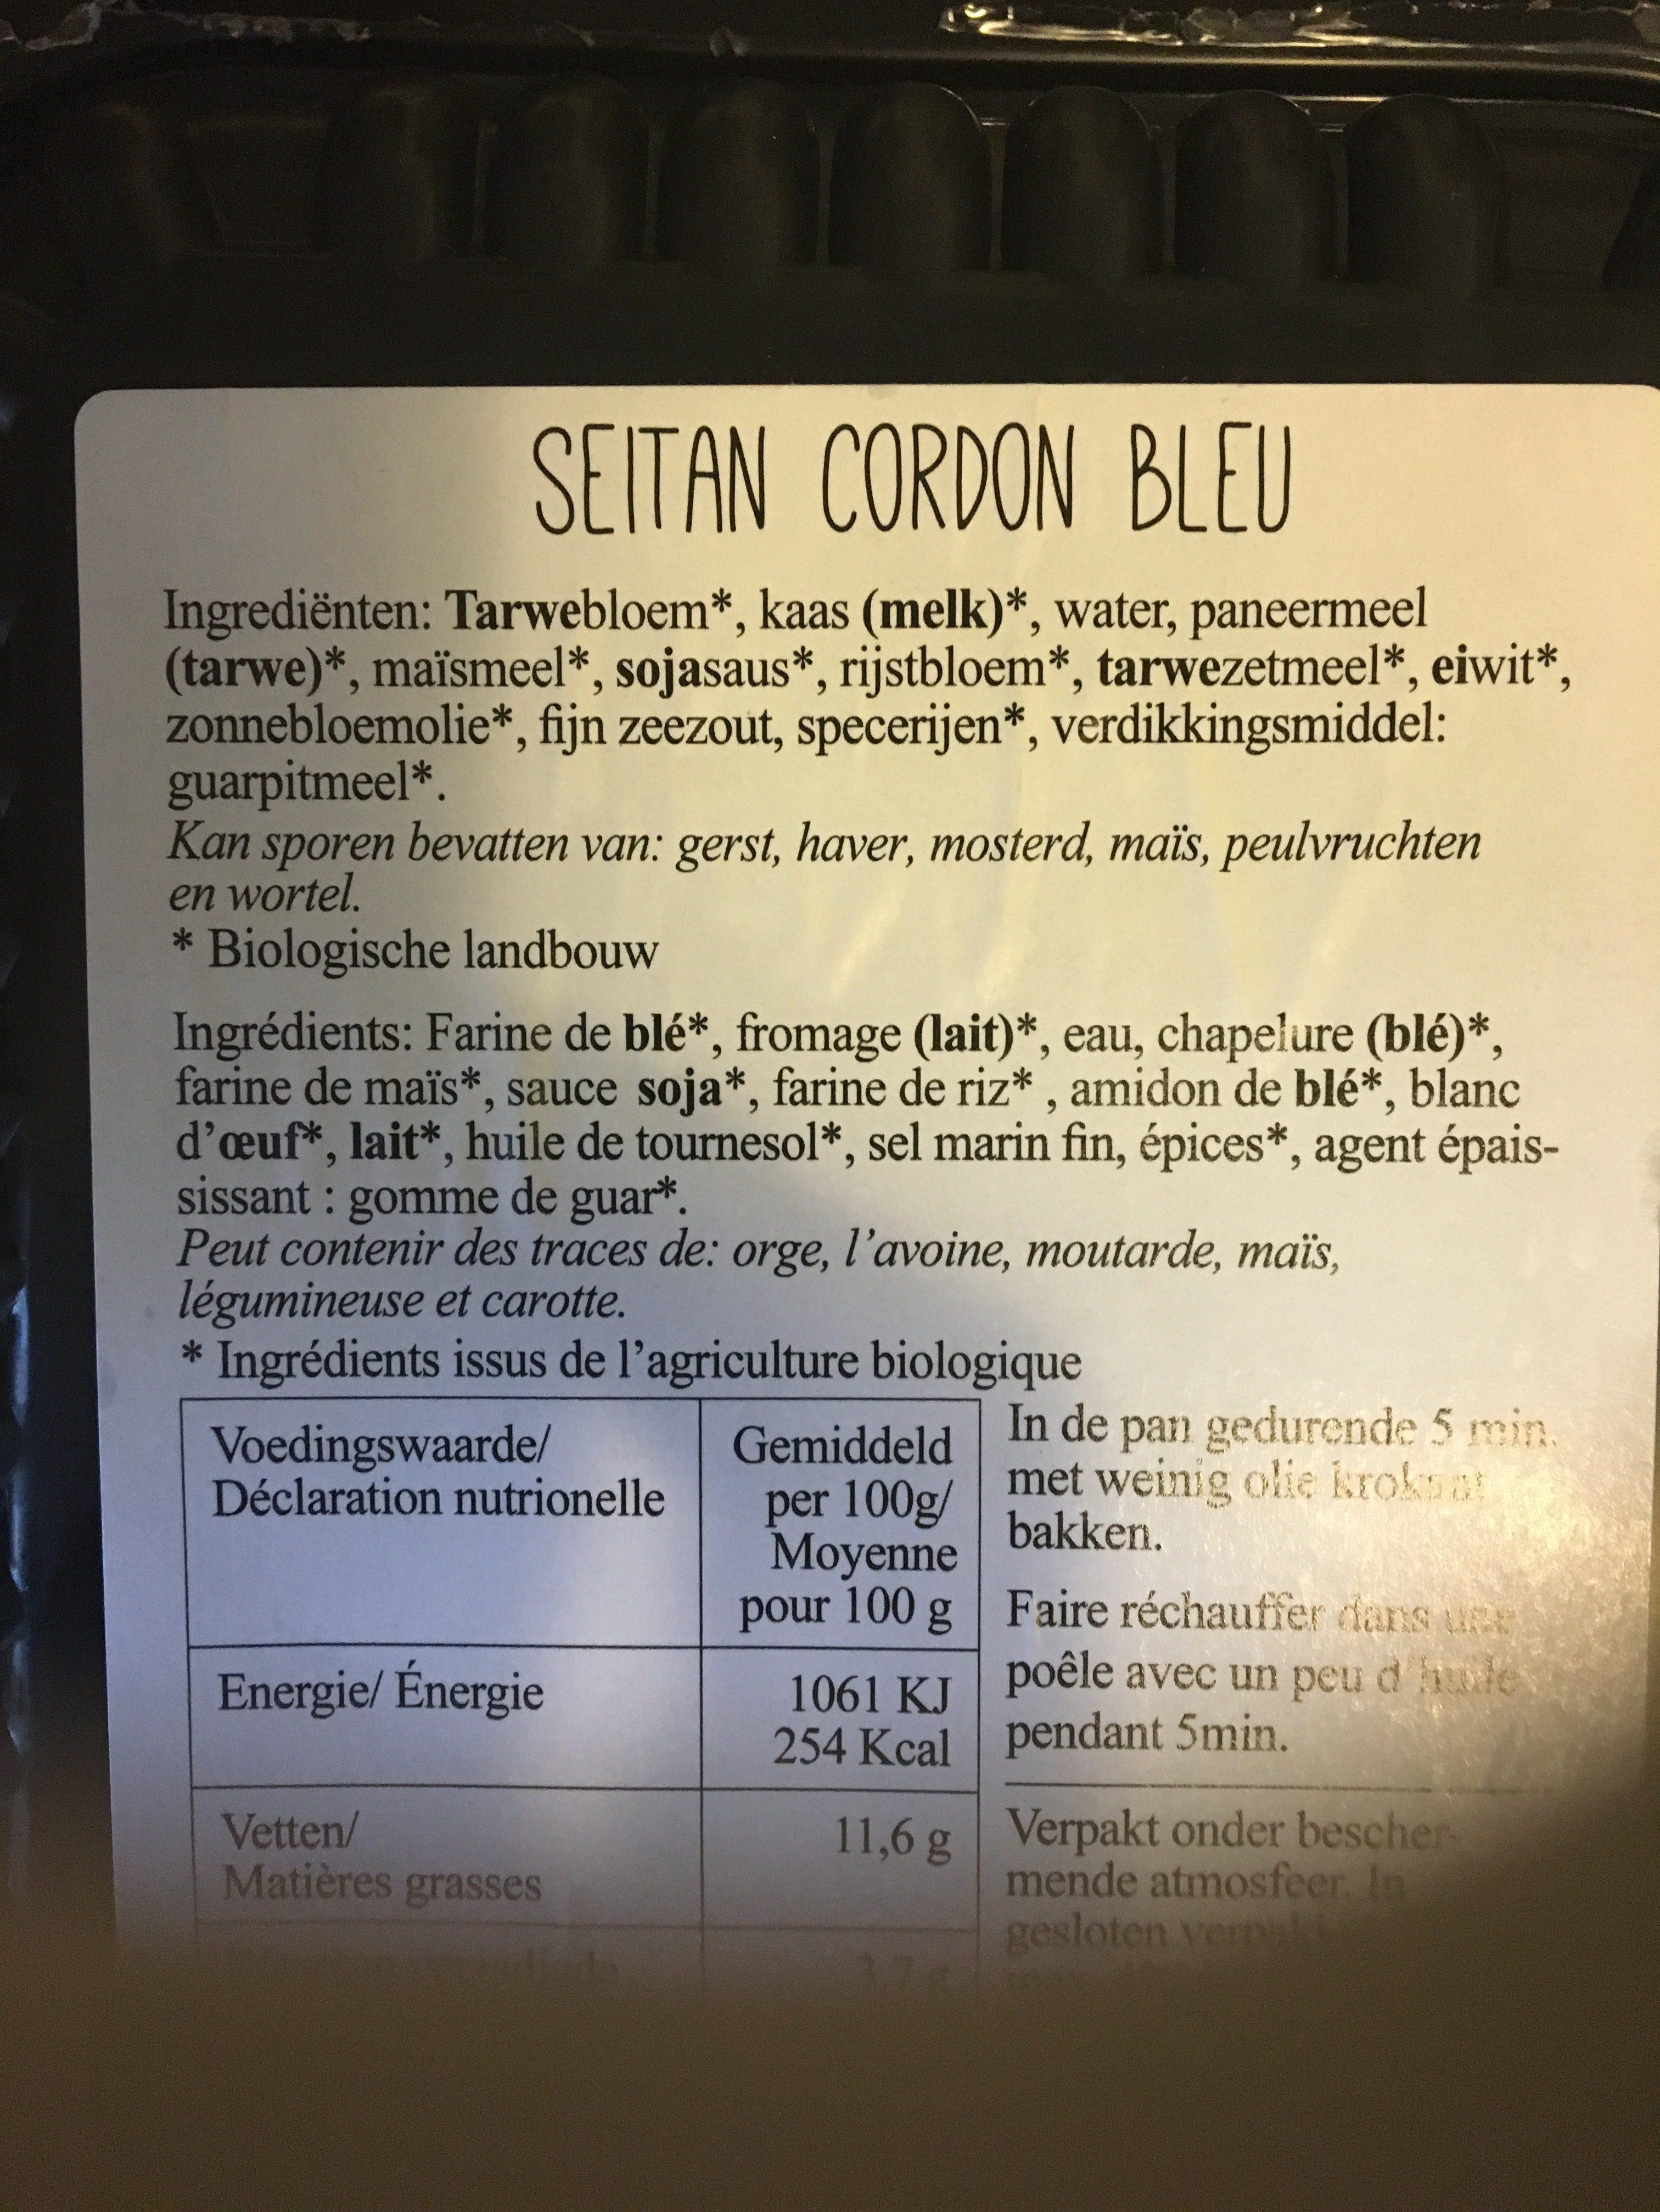 SEITAN CORDON BLEU - Ingredients - fr